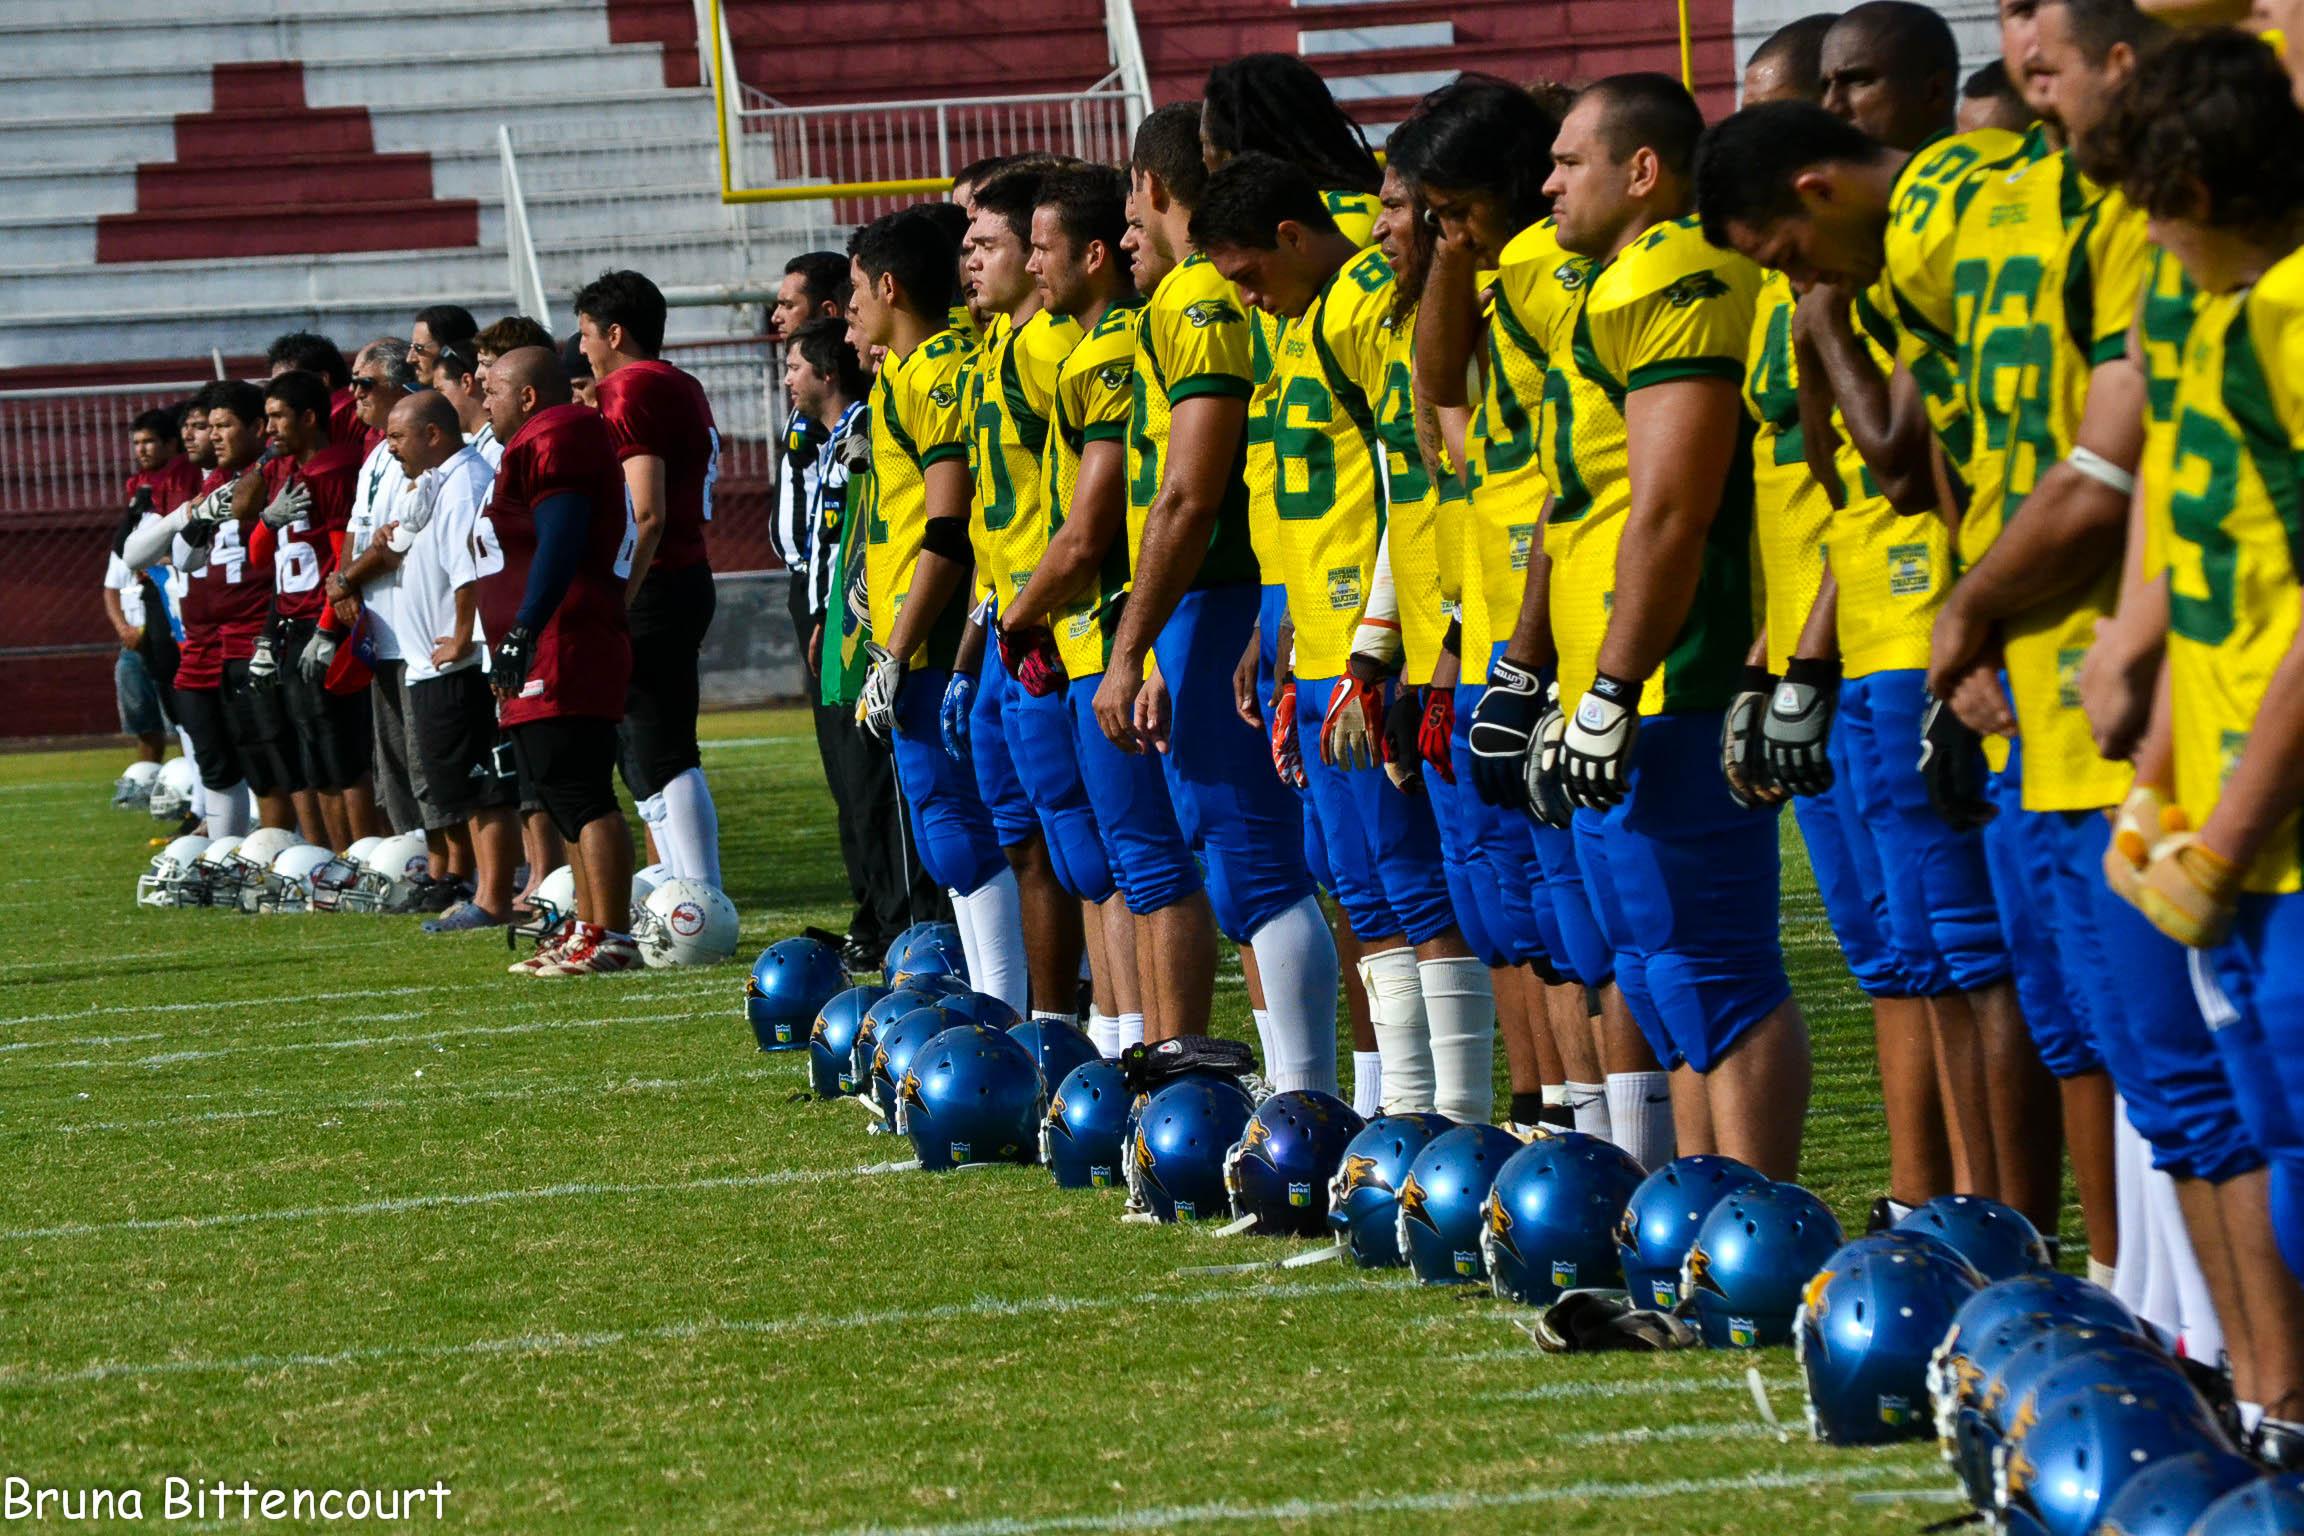 f2c506e7c6 Brasil vence bem Chile em Desafio de Futebol Americano